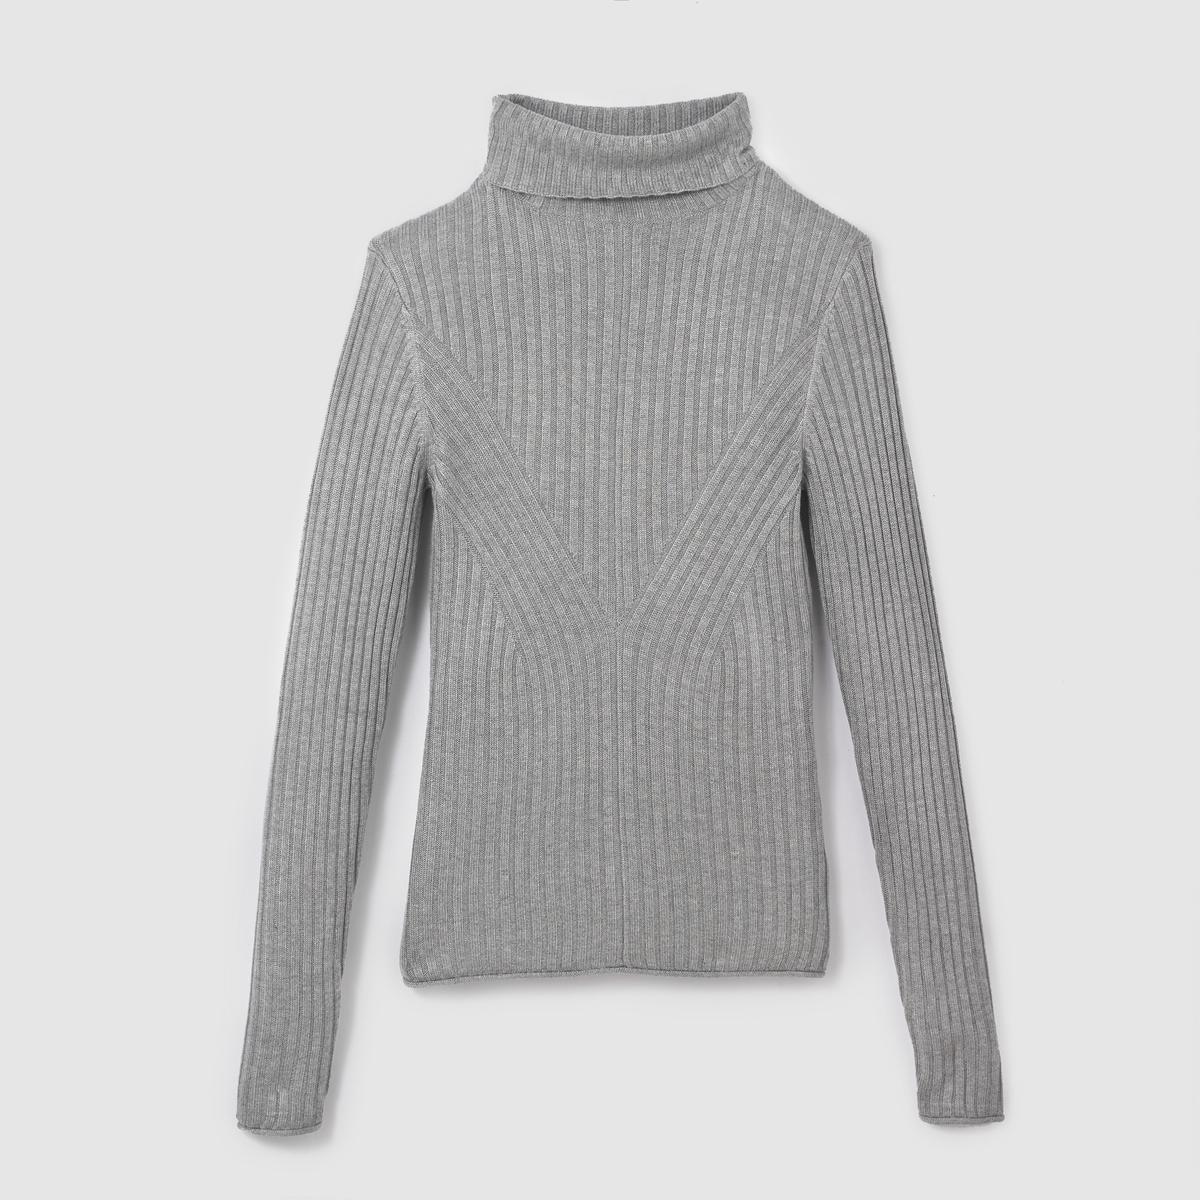 Пуловер облегающийПуловер с длинными рукавами TOM TAILOR . Пуловер очень облегающего покроя, в рубчик . Высокий воротник. Состав и описание :Материал : 80% растительных волокон, 20% полиамидаМарка : TOM TAILOR.<br><br>Цвет: серый меланж